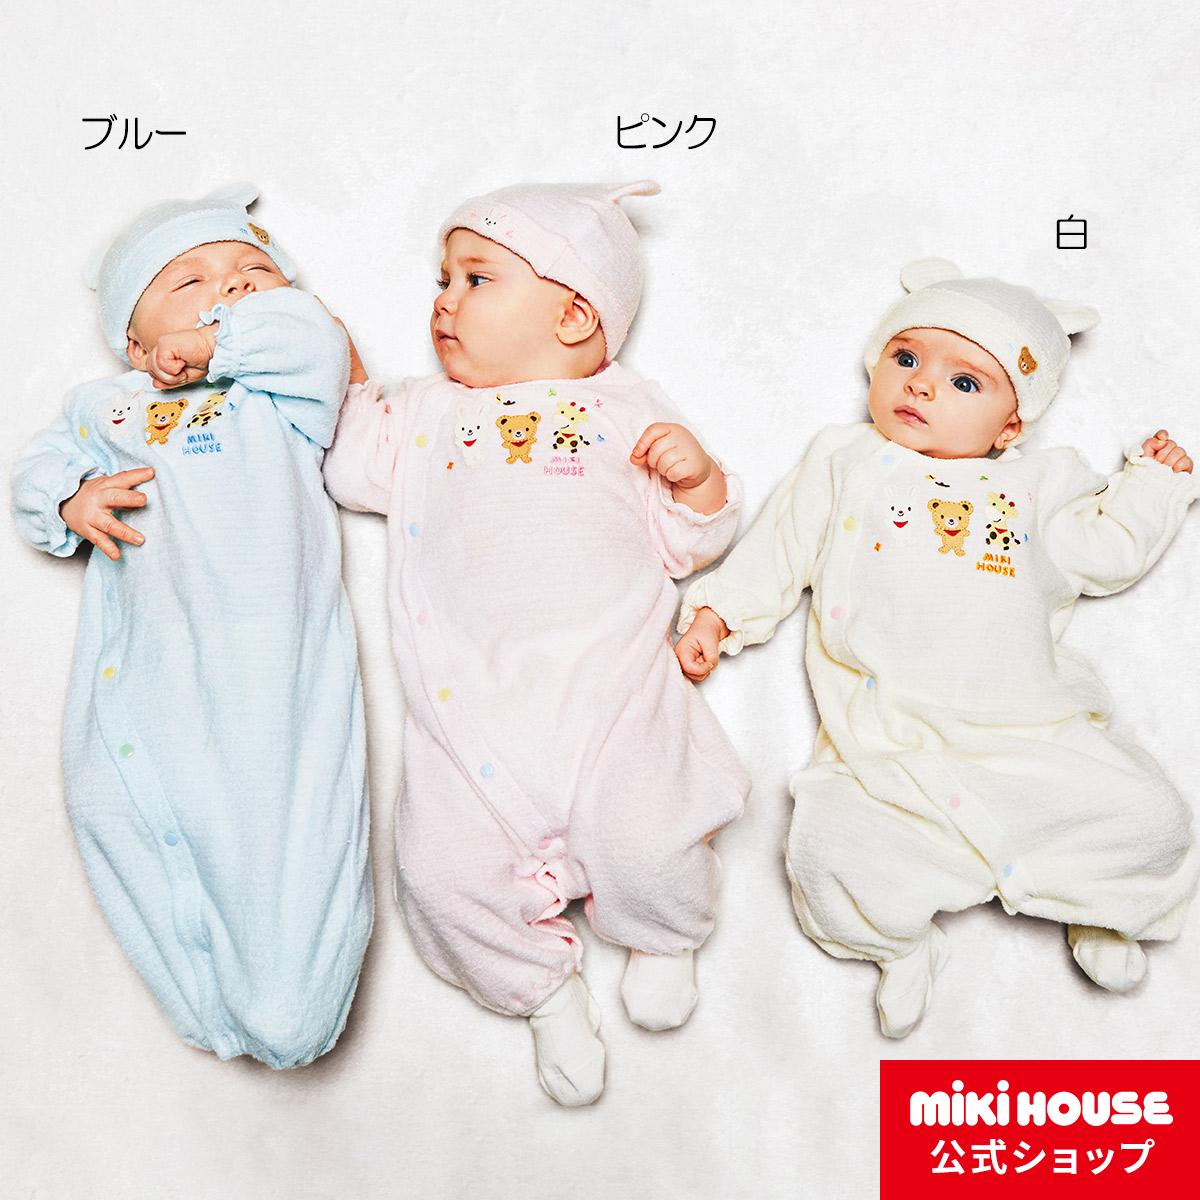 ミキハウス mikihouse どうぶつ刺繍付きふんわり無撚糸のツーウェイオール(50cm-70cm) ベビー服 子供服 赤ちゃん 女の子 男の子 日本製